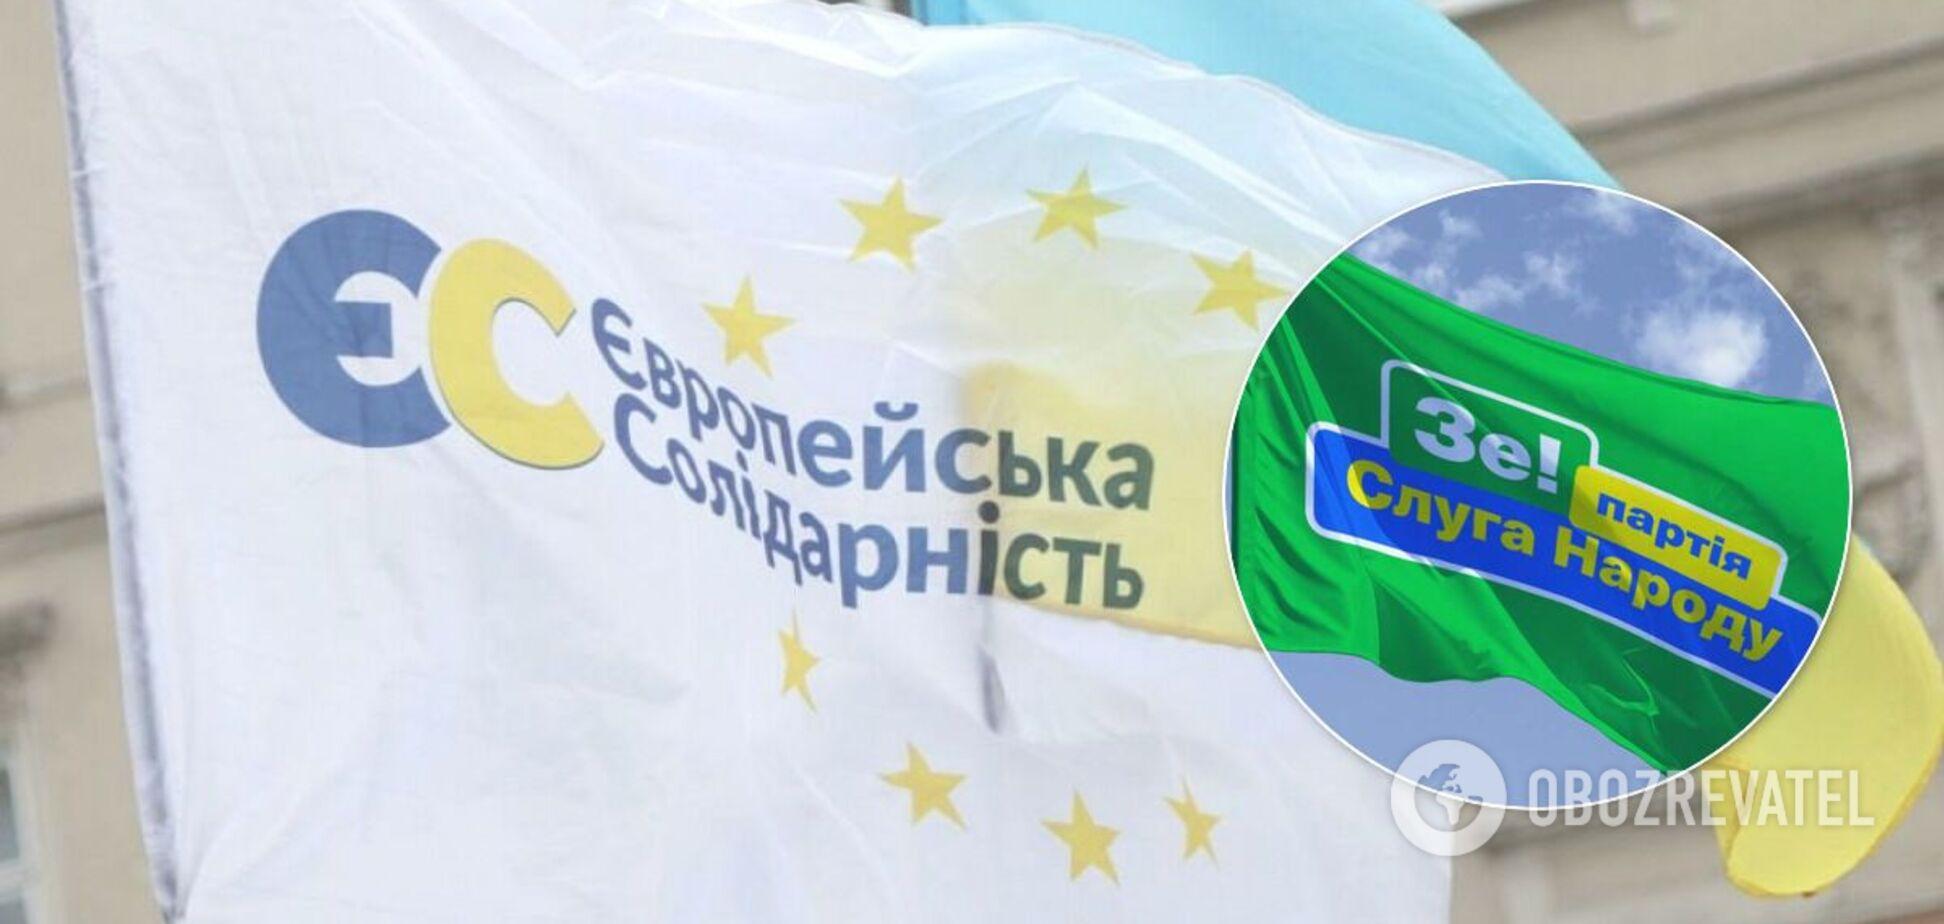 'Європейська солідарність', 'Слуга народу' та ОПЗЖ конкурують за лідерство у парламенті– соціологи